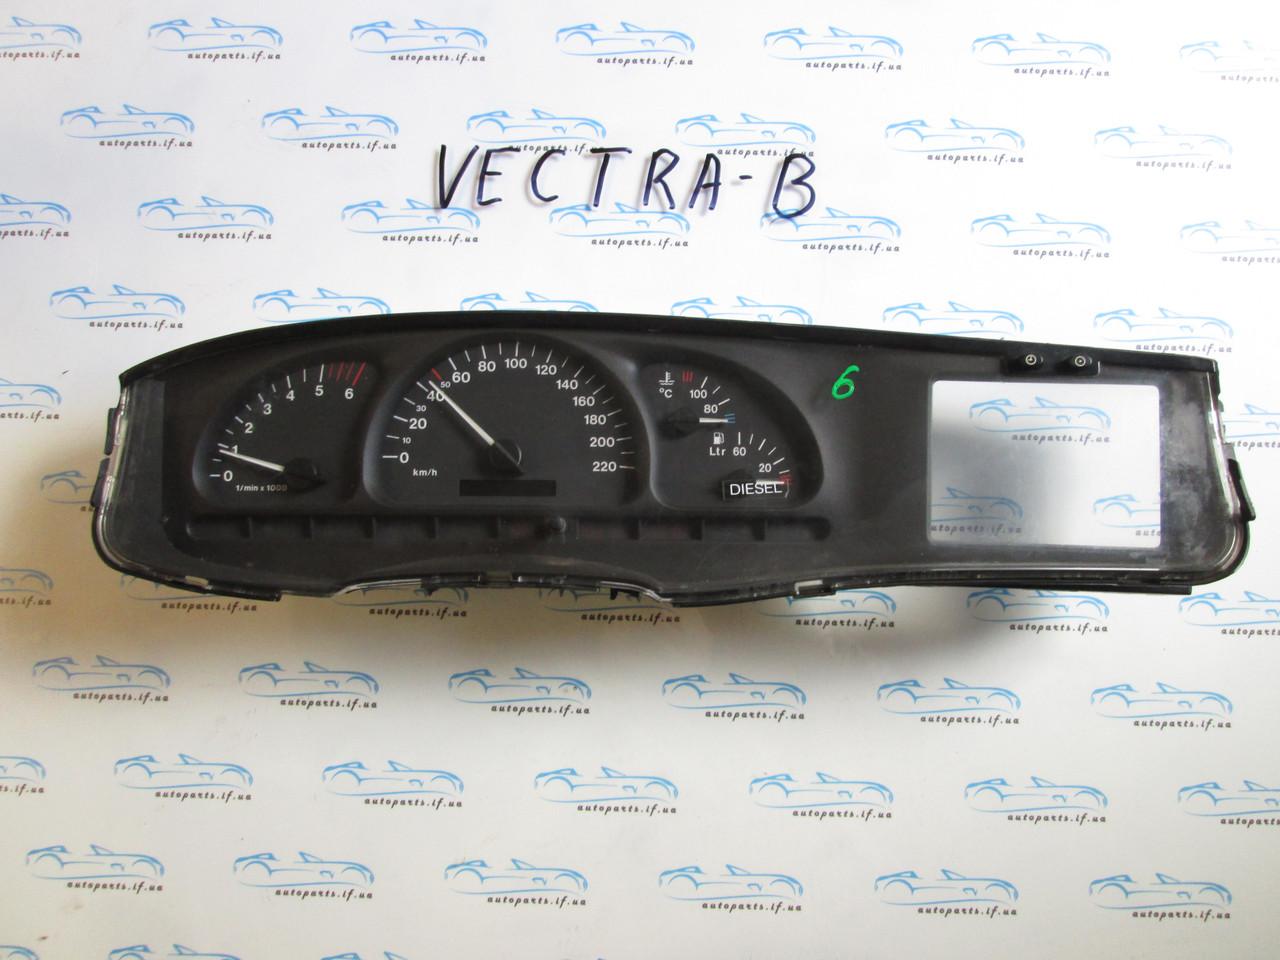 Панель приборов Опель Вектра Б, opel Vectra B №6